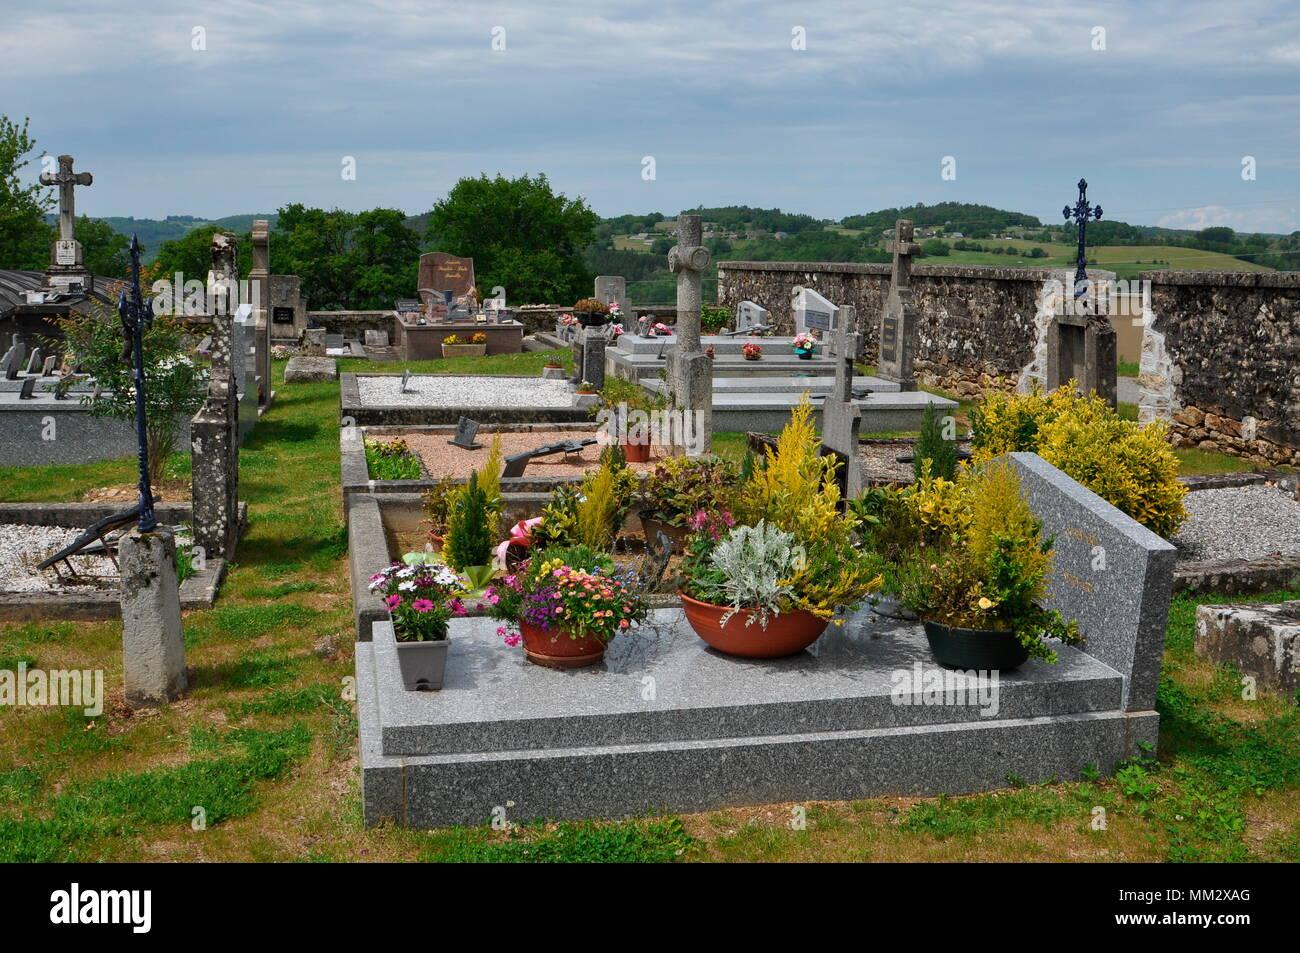 'Organic' cemetery of Saint Bonnet les tours de Merle - France - Stock Image